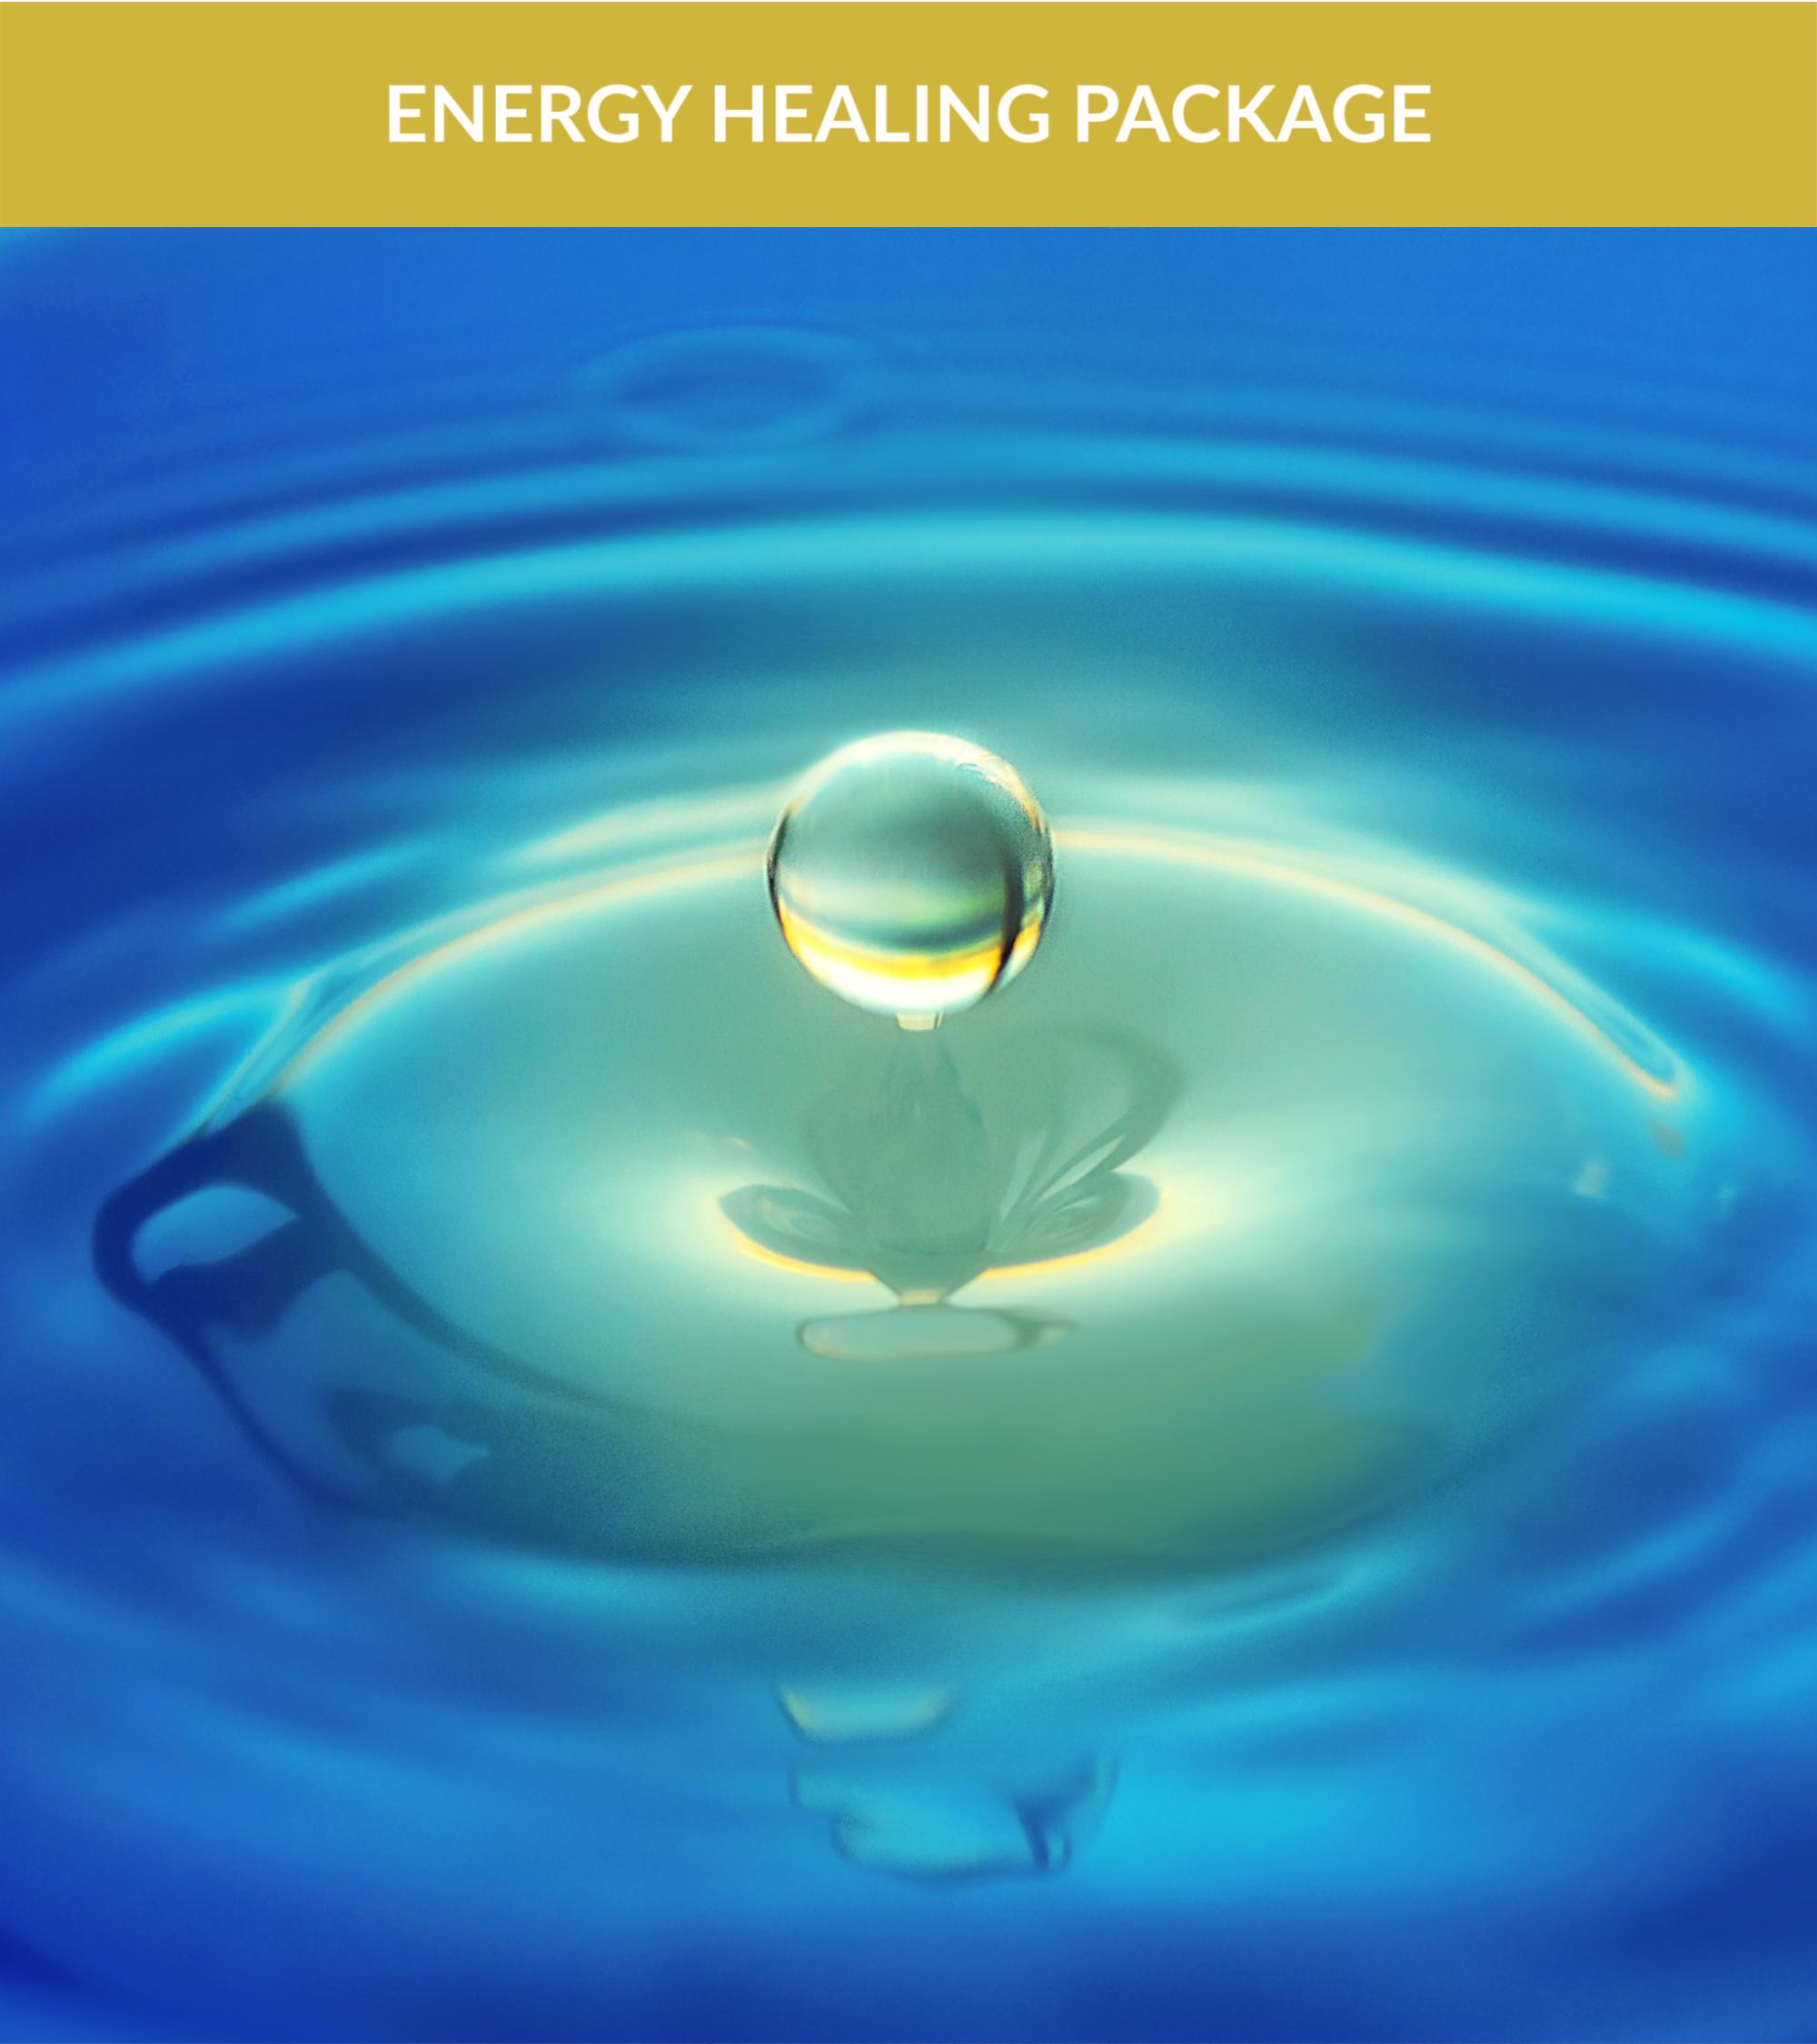 Energy Healing Package